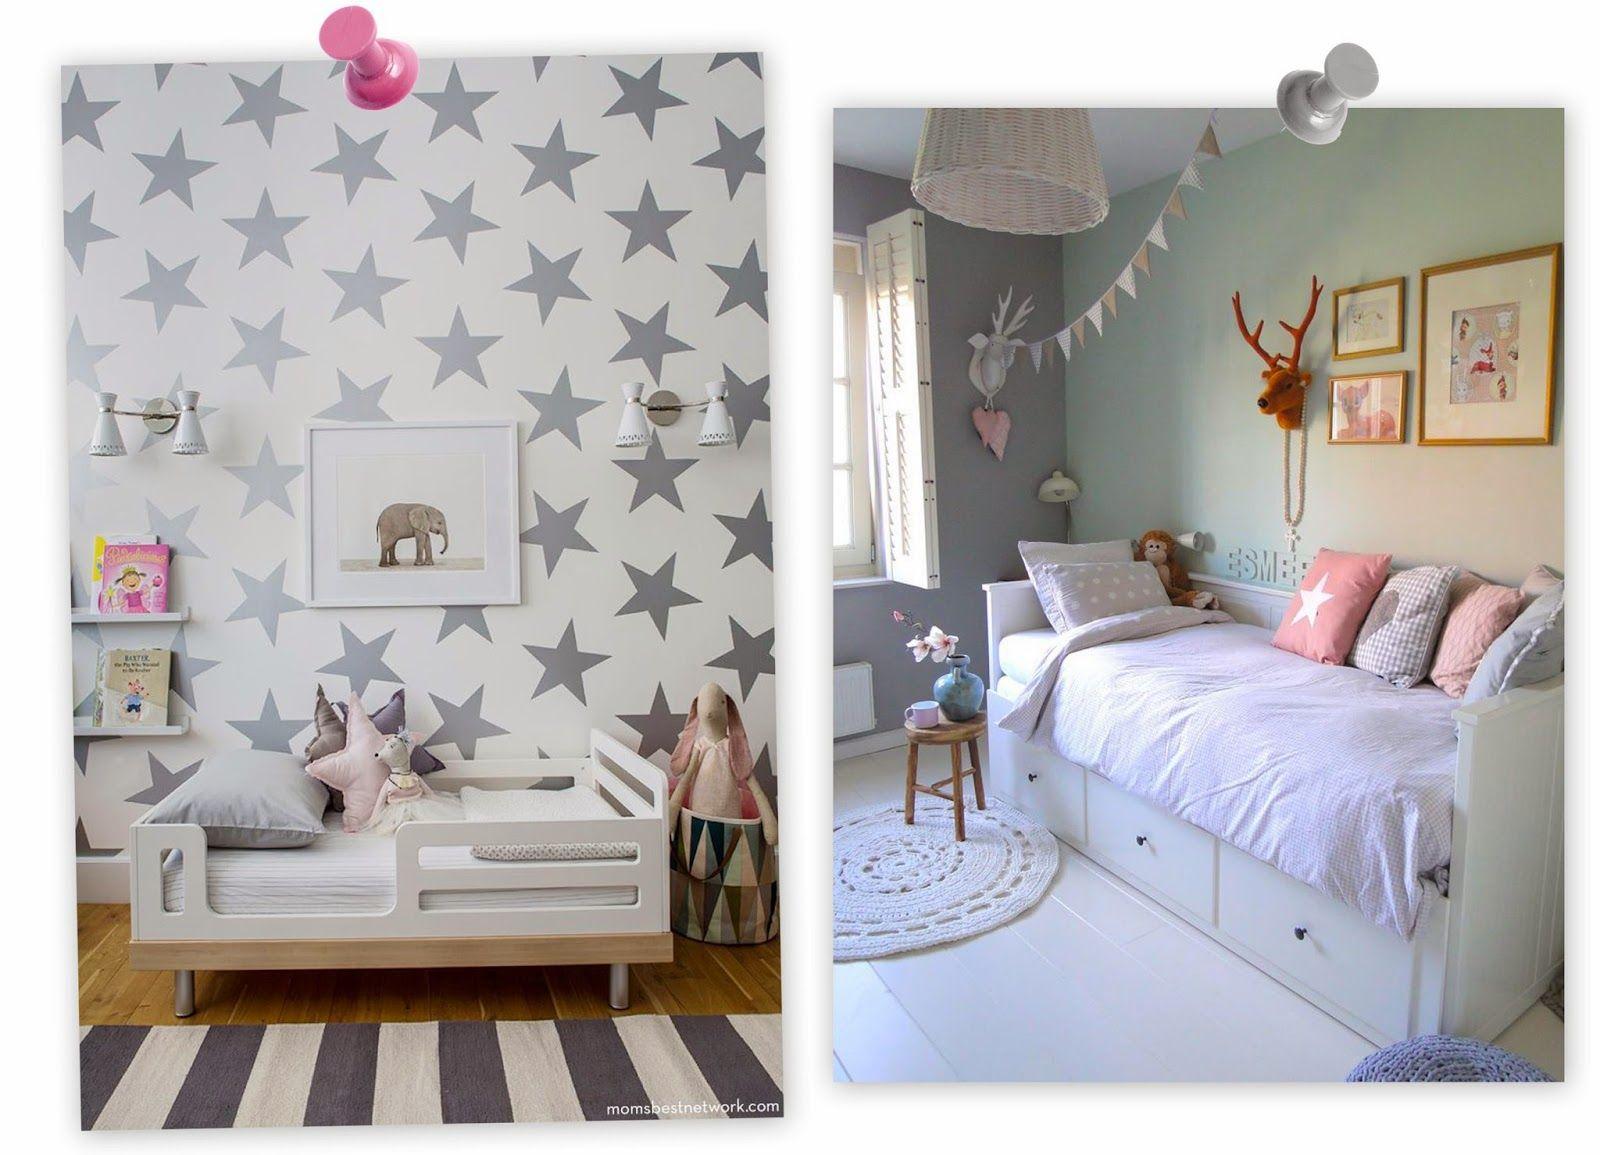 Photo ni os habitacion decoracion decoracion casa - Decoracion habitacion ninos ...